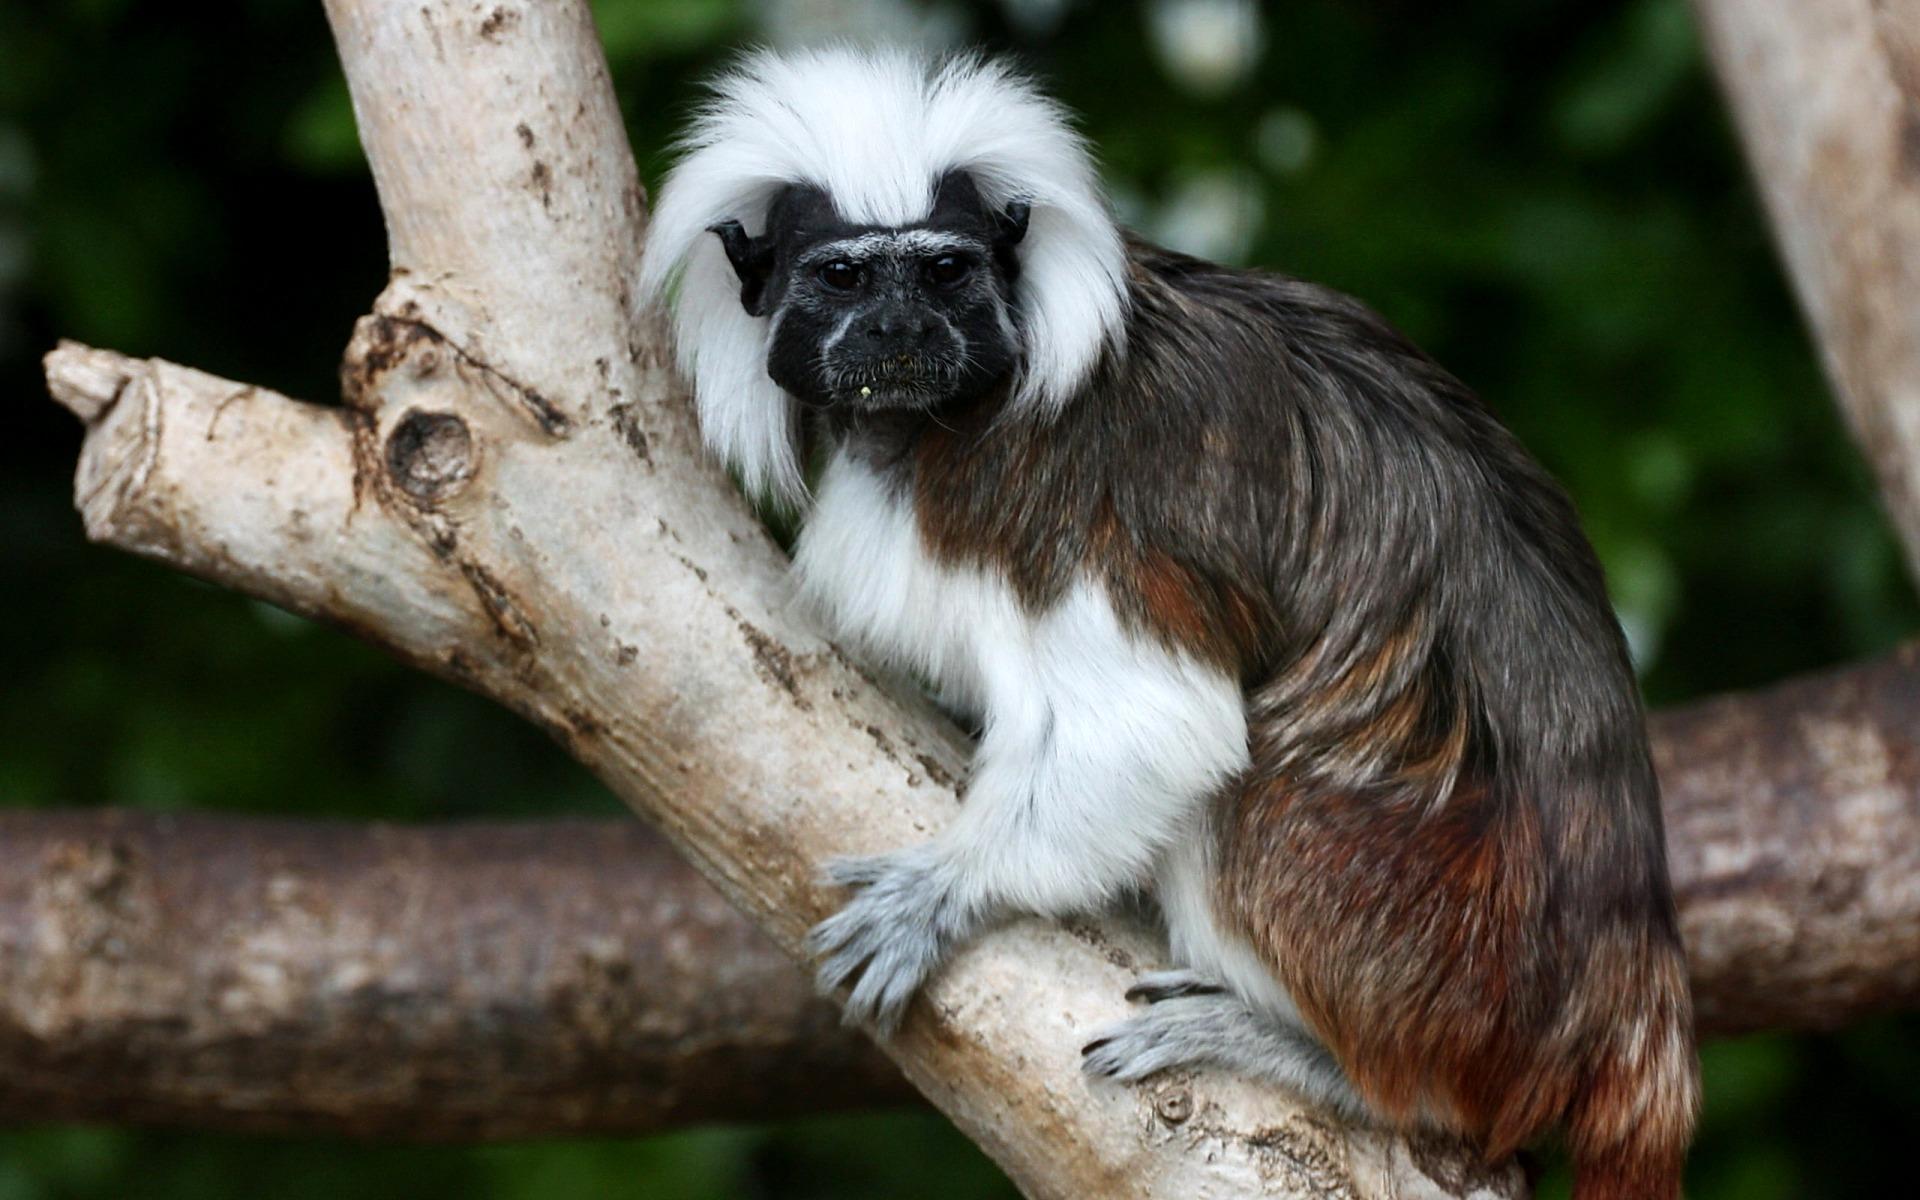 Фото половых органов обезьяны 8 фотография